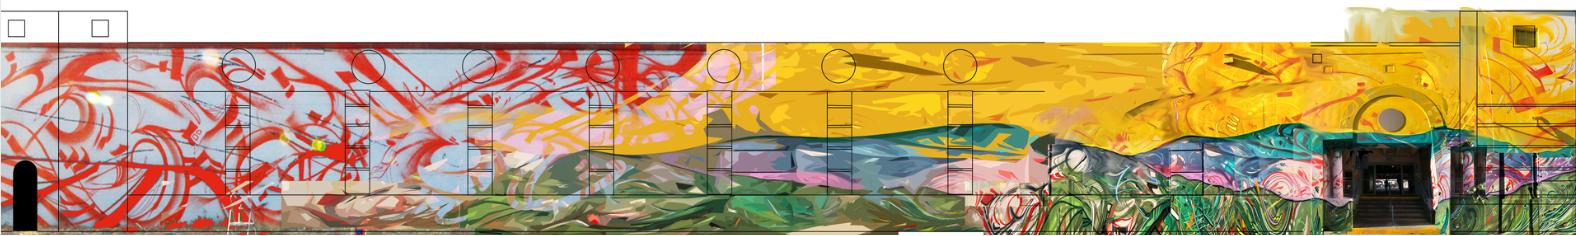 KSPG mural concept